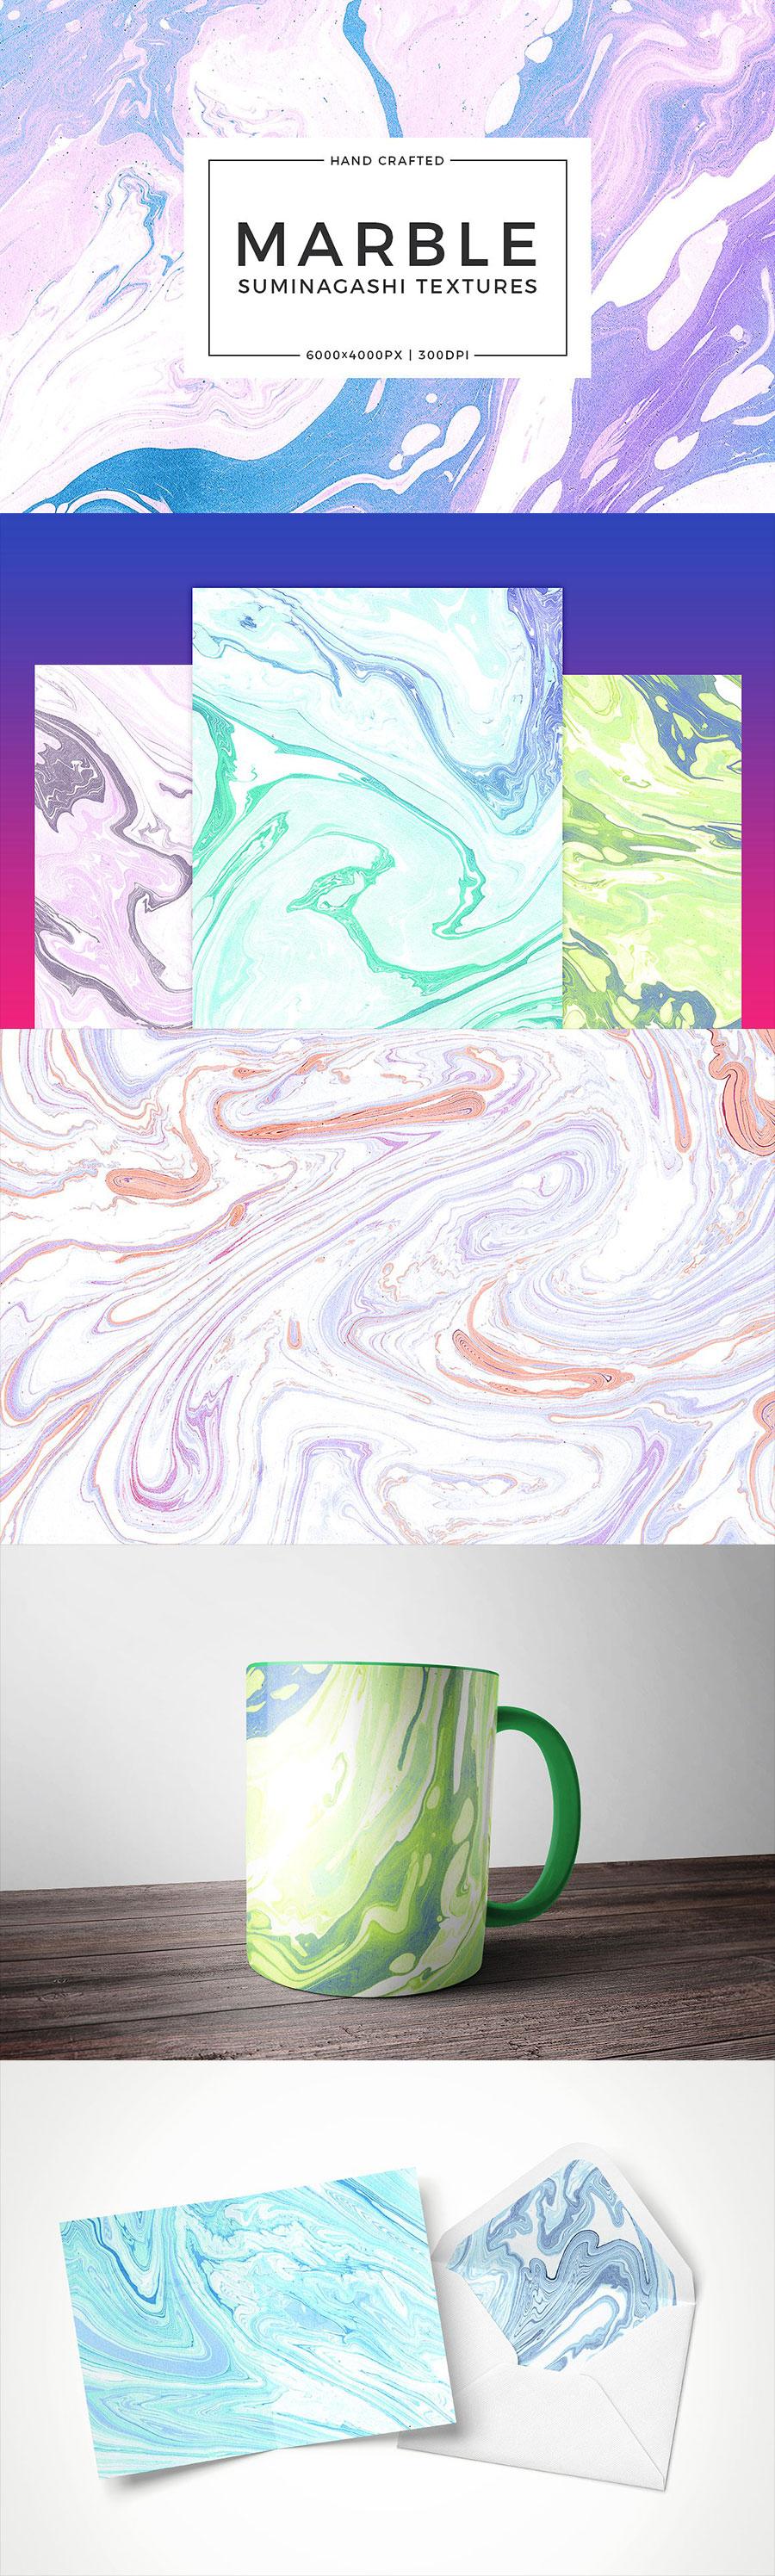 大理石纹理的背景素材下载[高清图]设计素材模板